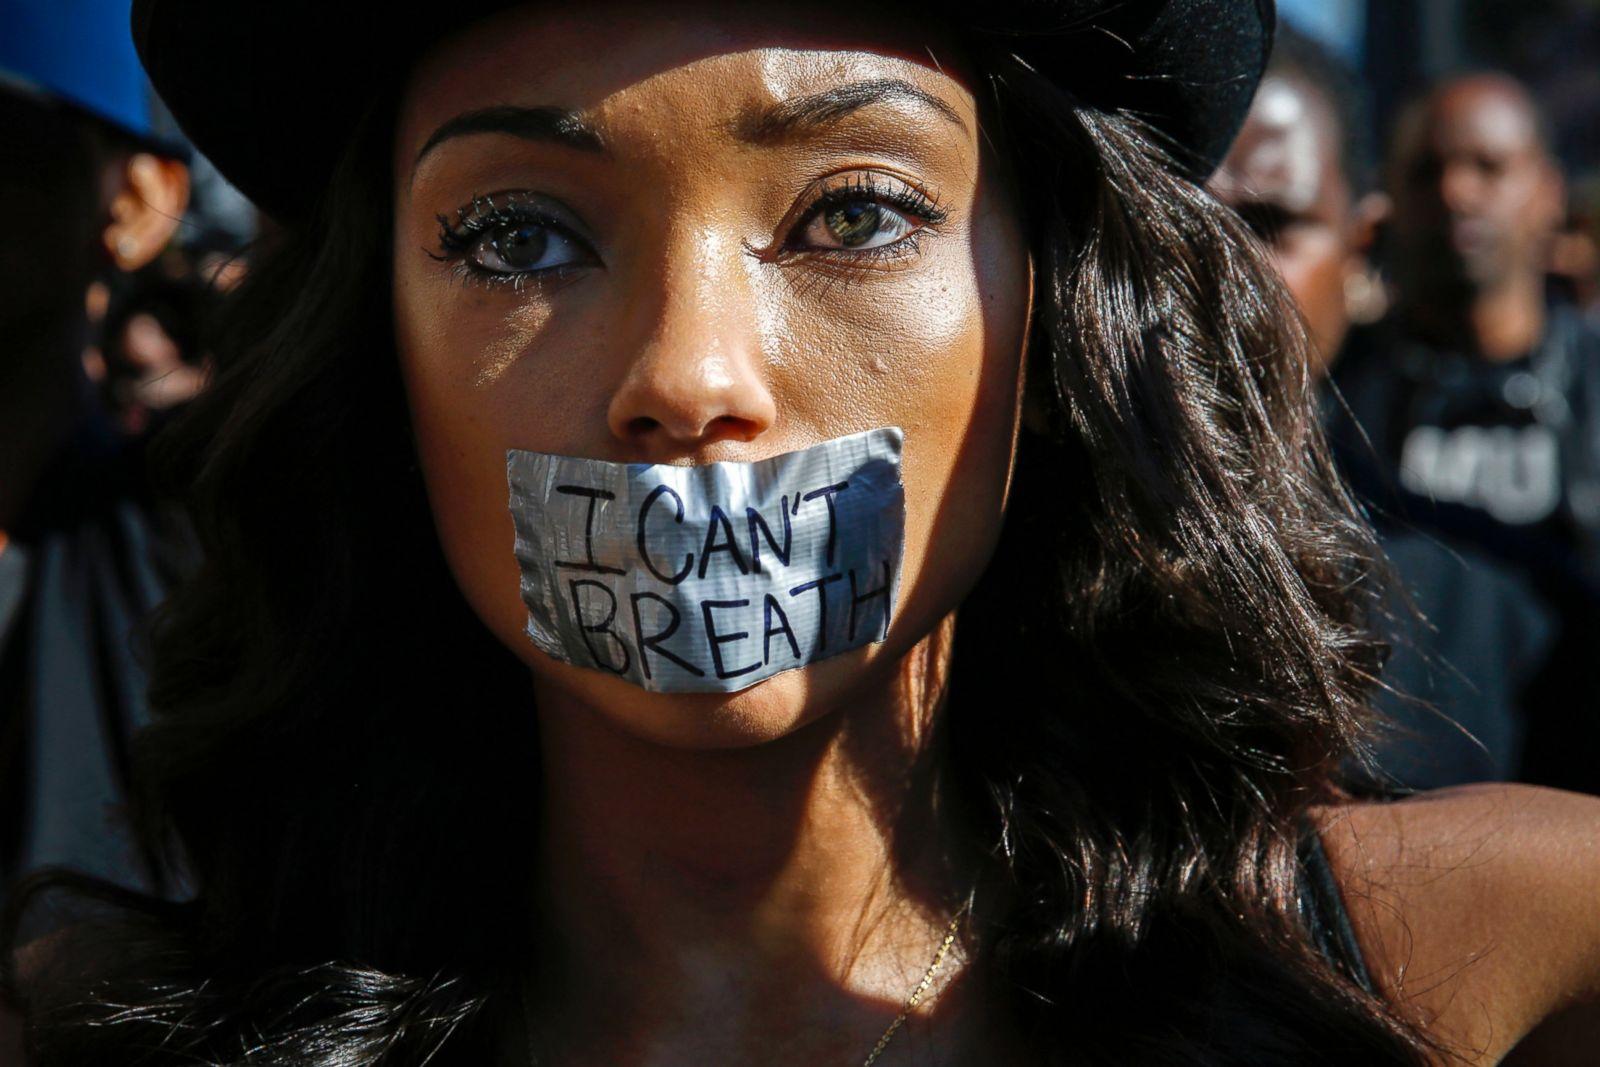 Logan Browning está de pie con cinta adhesiva sobre su boca con otros manifestantes durante una protesta contra la violencia policial en Hollywood, California, el 6 de diciembre de 2014. Fotografía: Patrick T. Fallon/Reuters